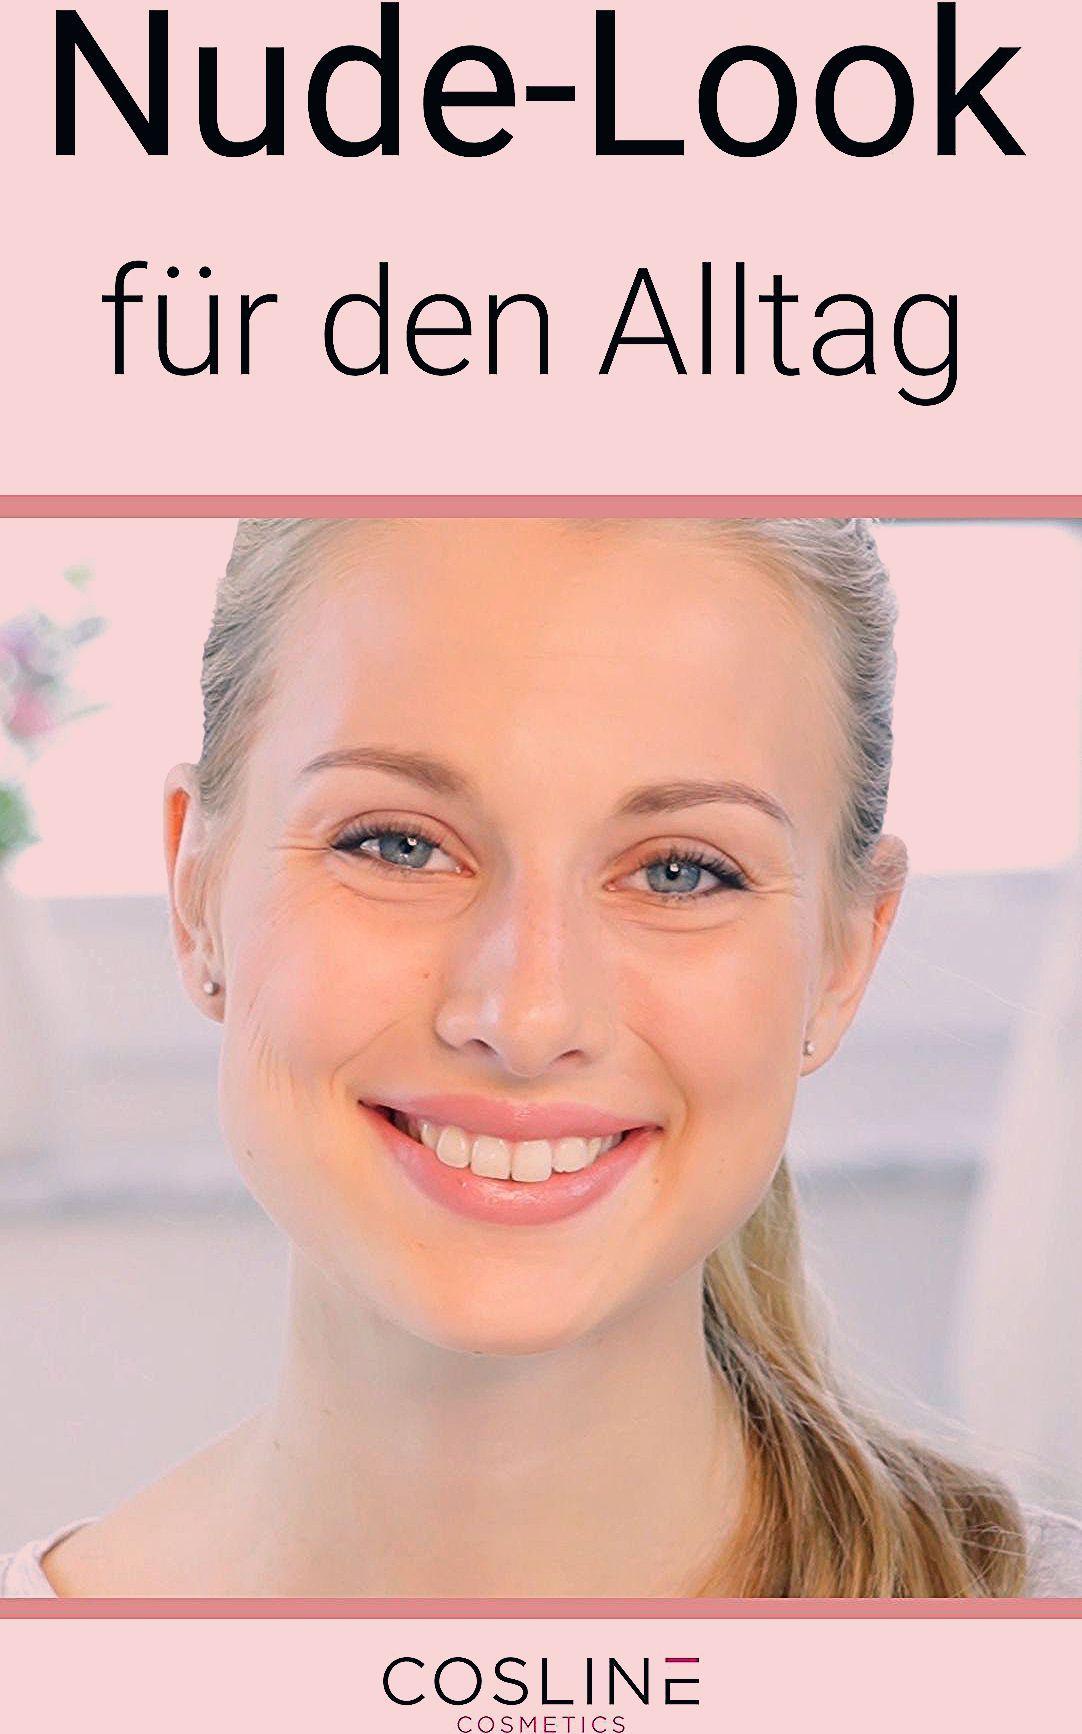 Photo of Nude-Look: Der Make-Up Trend für den Alltag | COSLINE Cosmetics